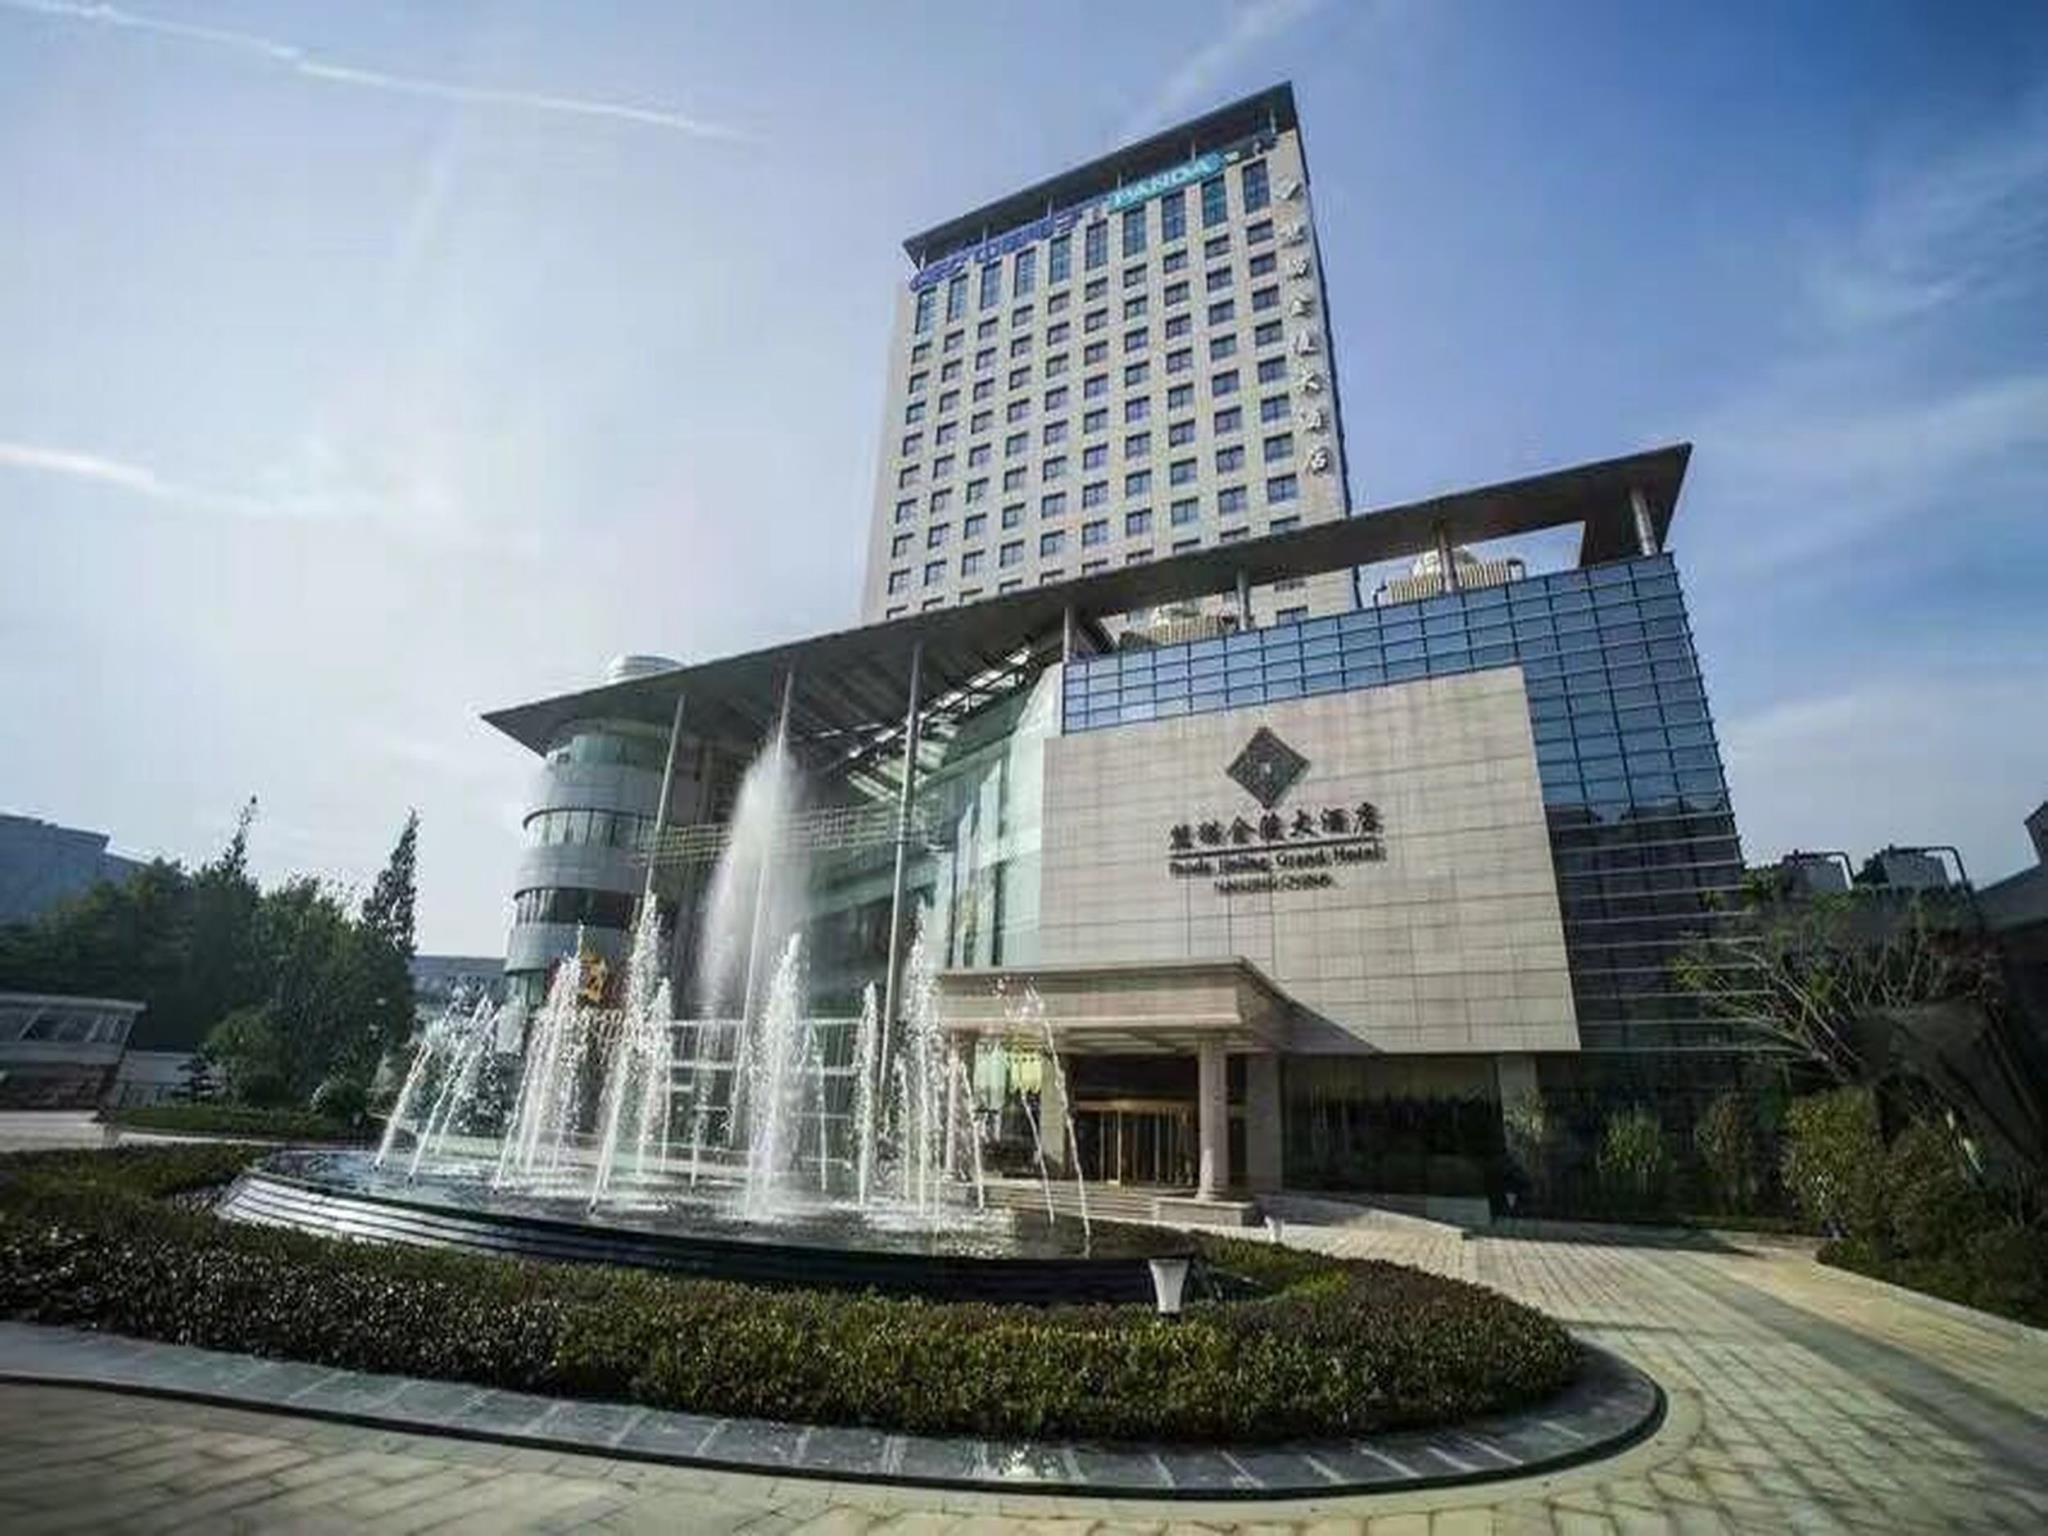 Nanjing Panda Jinling Grand Hotel